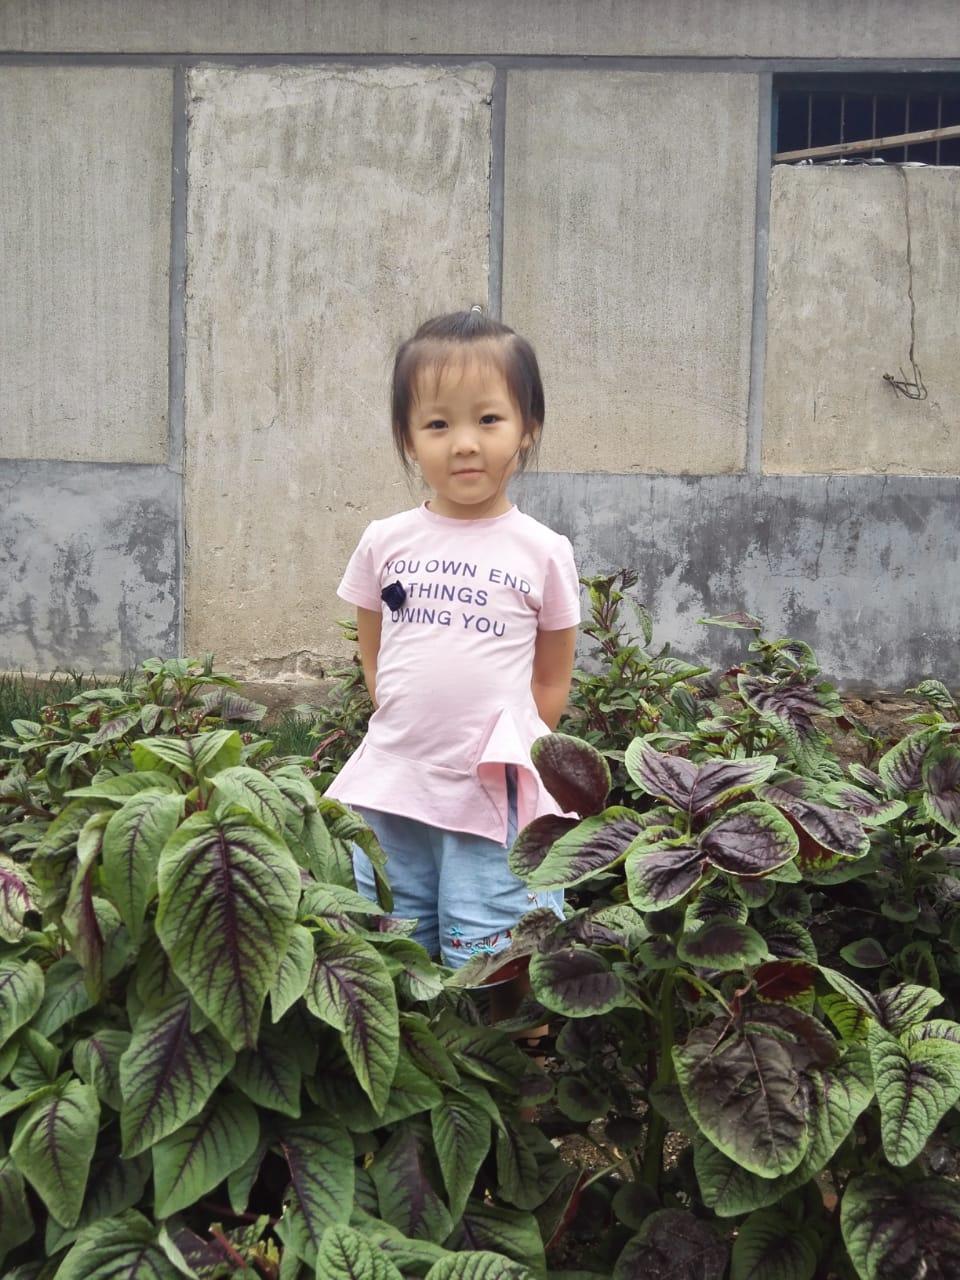 Маленькой дочке нужно будет скоро идти в школу, поэтому Чжоу не перевозит семью в Россию